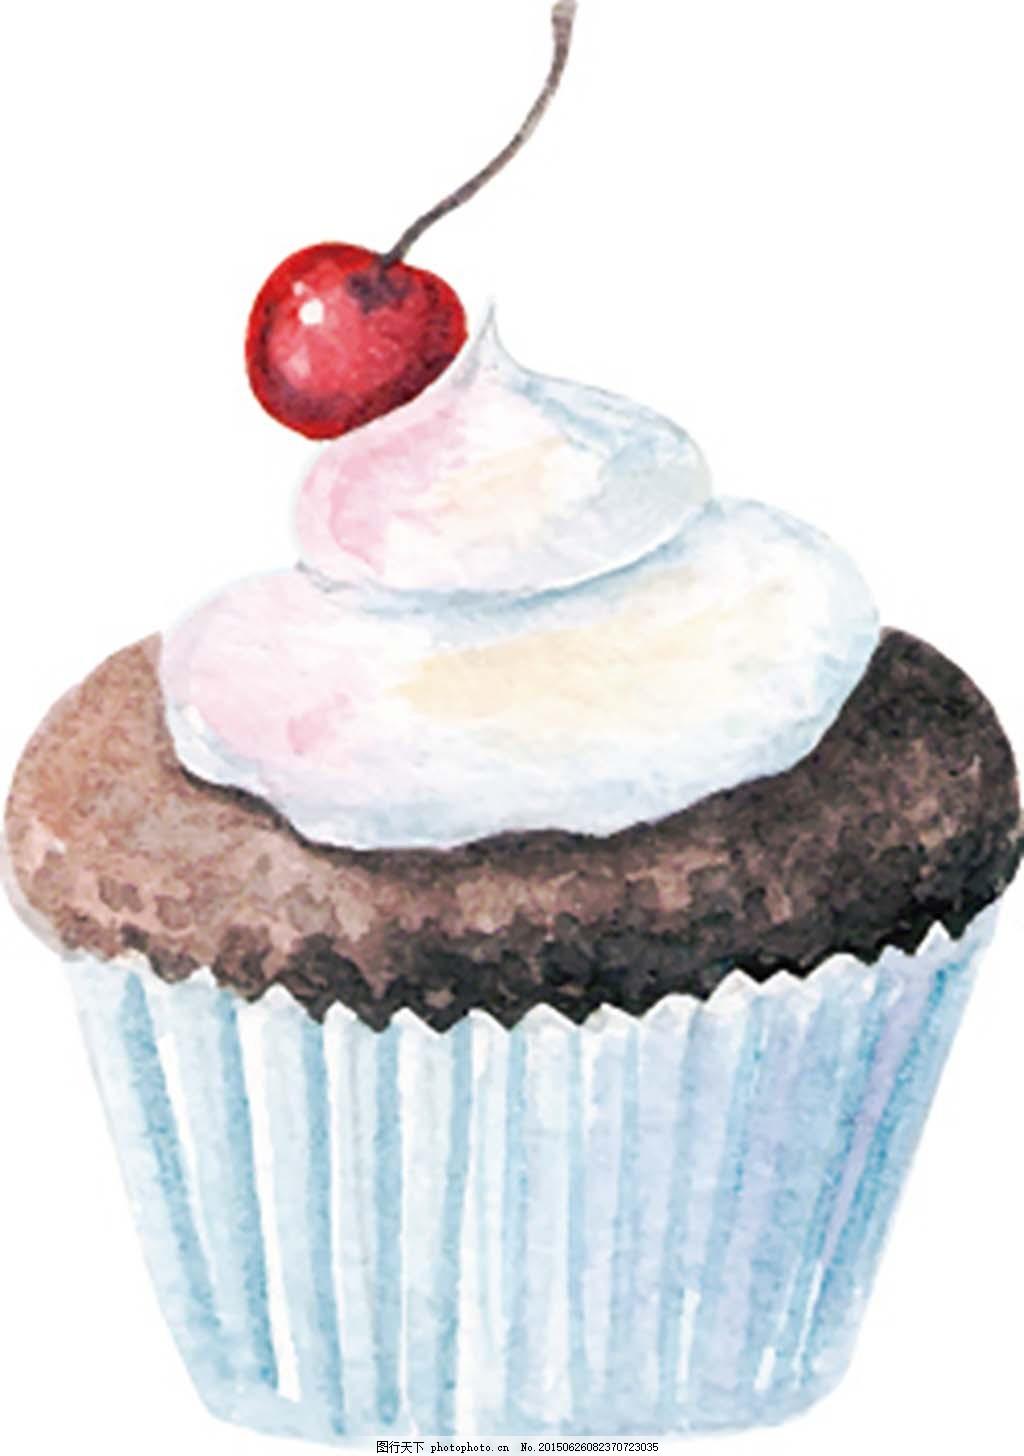 水彩手绘樱桃纸杯蛋糕冰淇淋